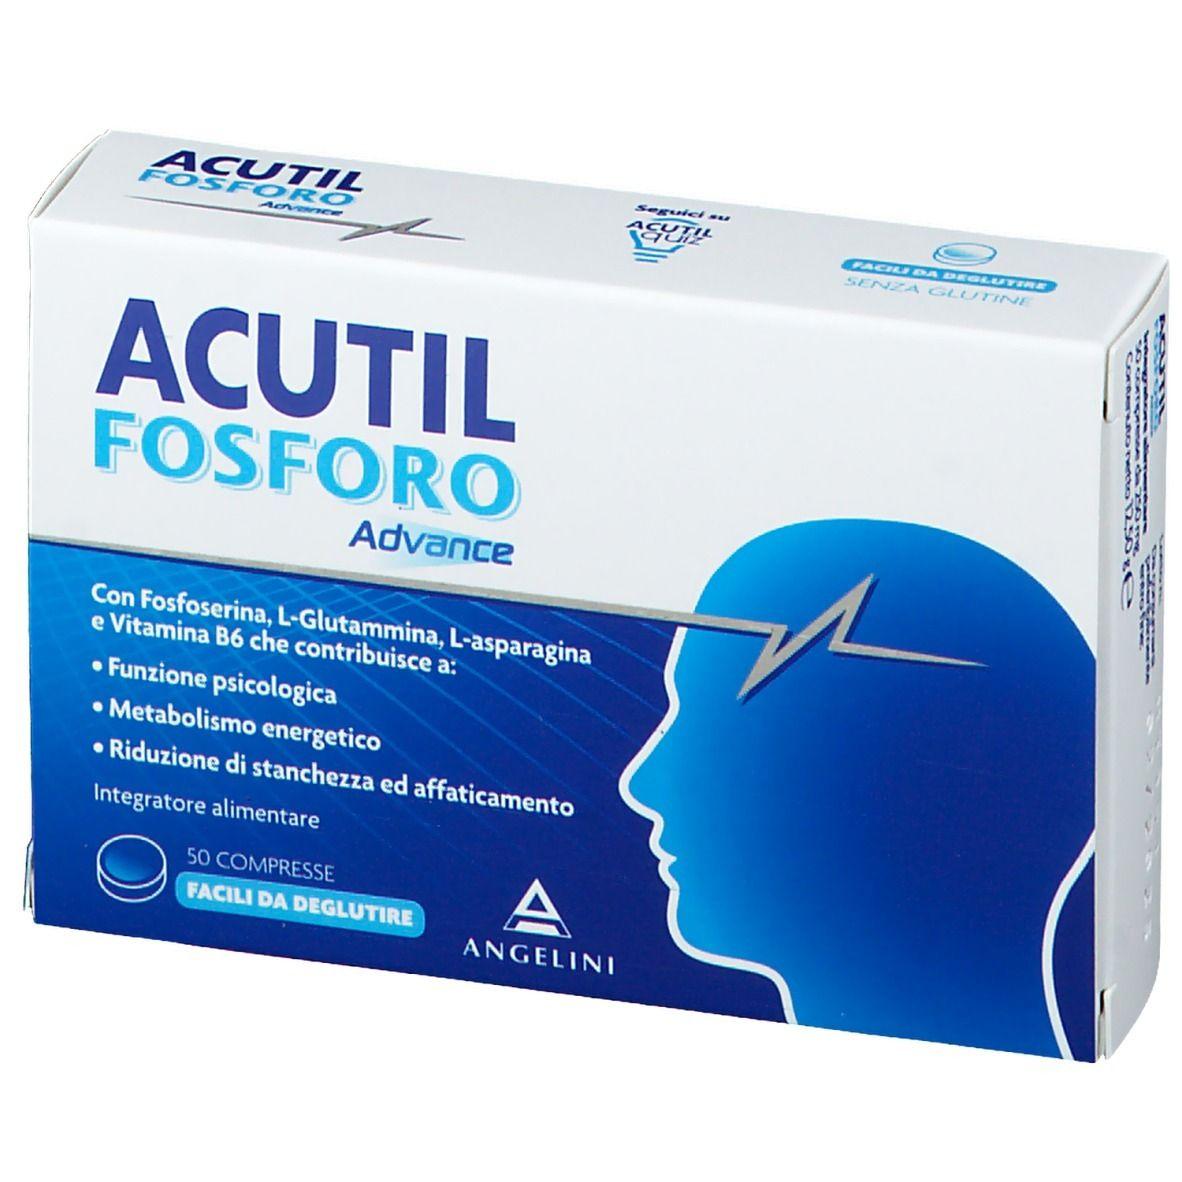 INTEGRATORE ACUTIL FOSFORO ADVANCE 50 COMPRESSE A BASE DI FOSFORESINA, GLUTAMINA, ASPARAGINA, VITAMINA B6 CHE CONTRIBUISCE ALLA NORMALE FUNZIONE PSICOLOGICA E ALLA RIDUZIONE DI STANCHEZZA E AFFATICAMENTO.